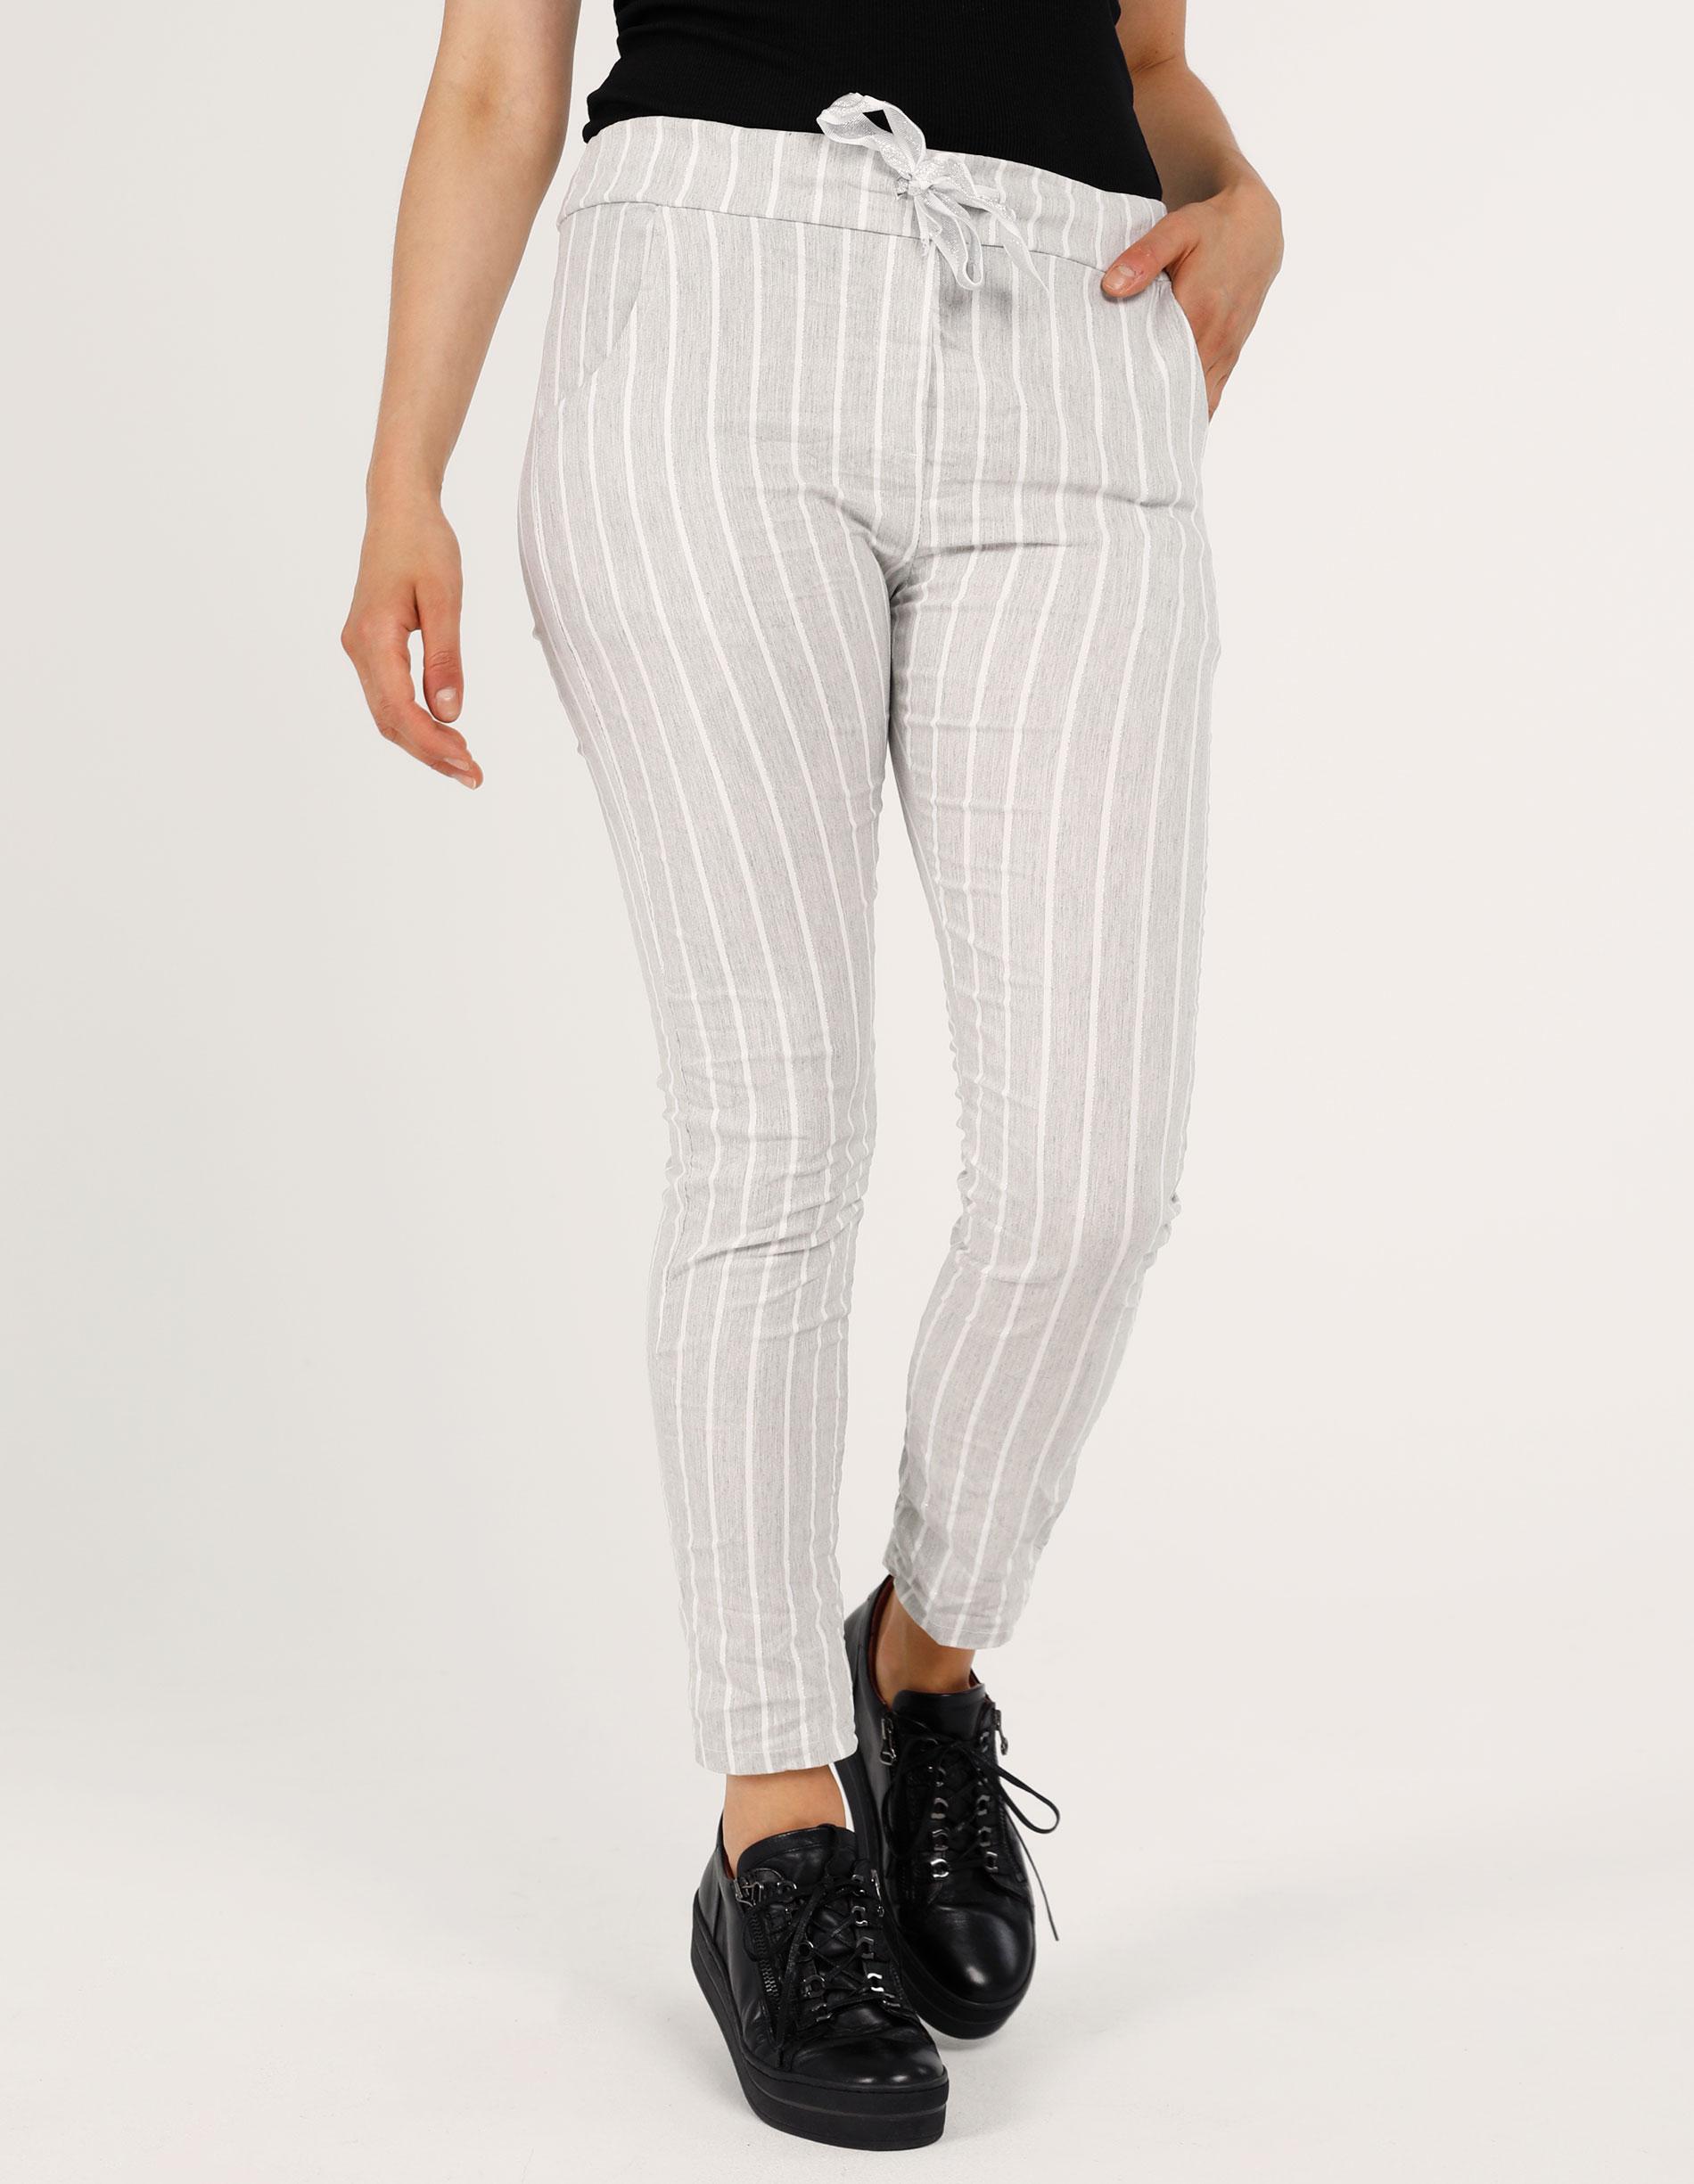 Spodnie - 150-1281 GRIG - Unisono